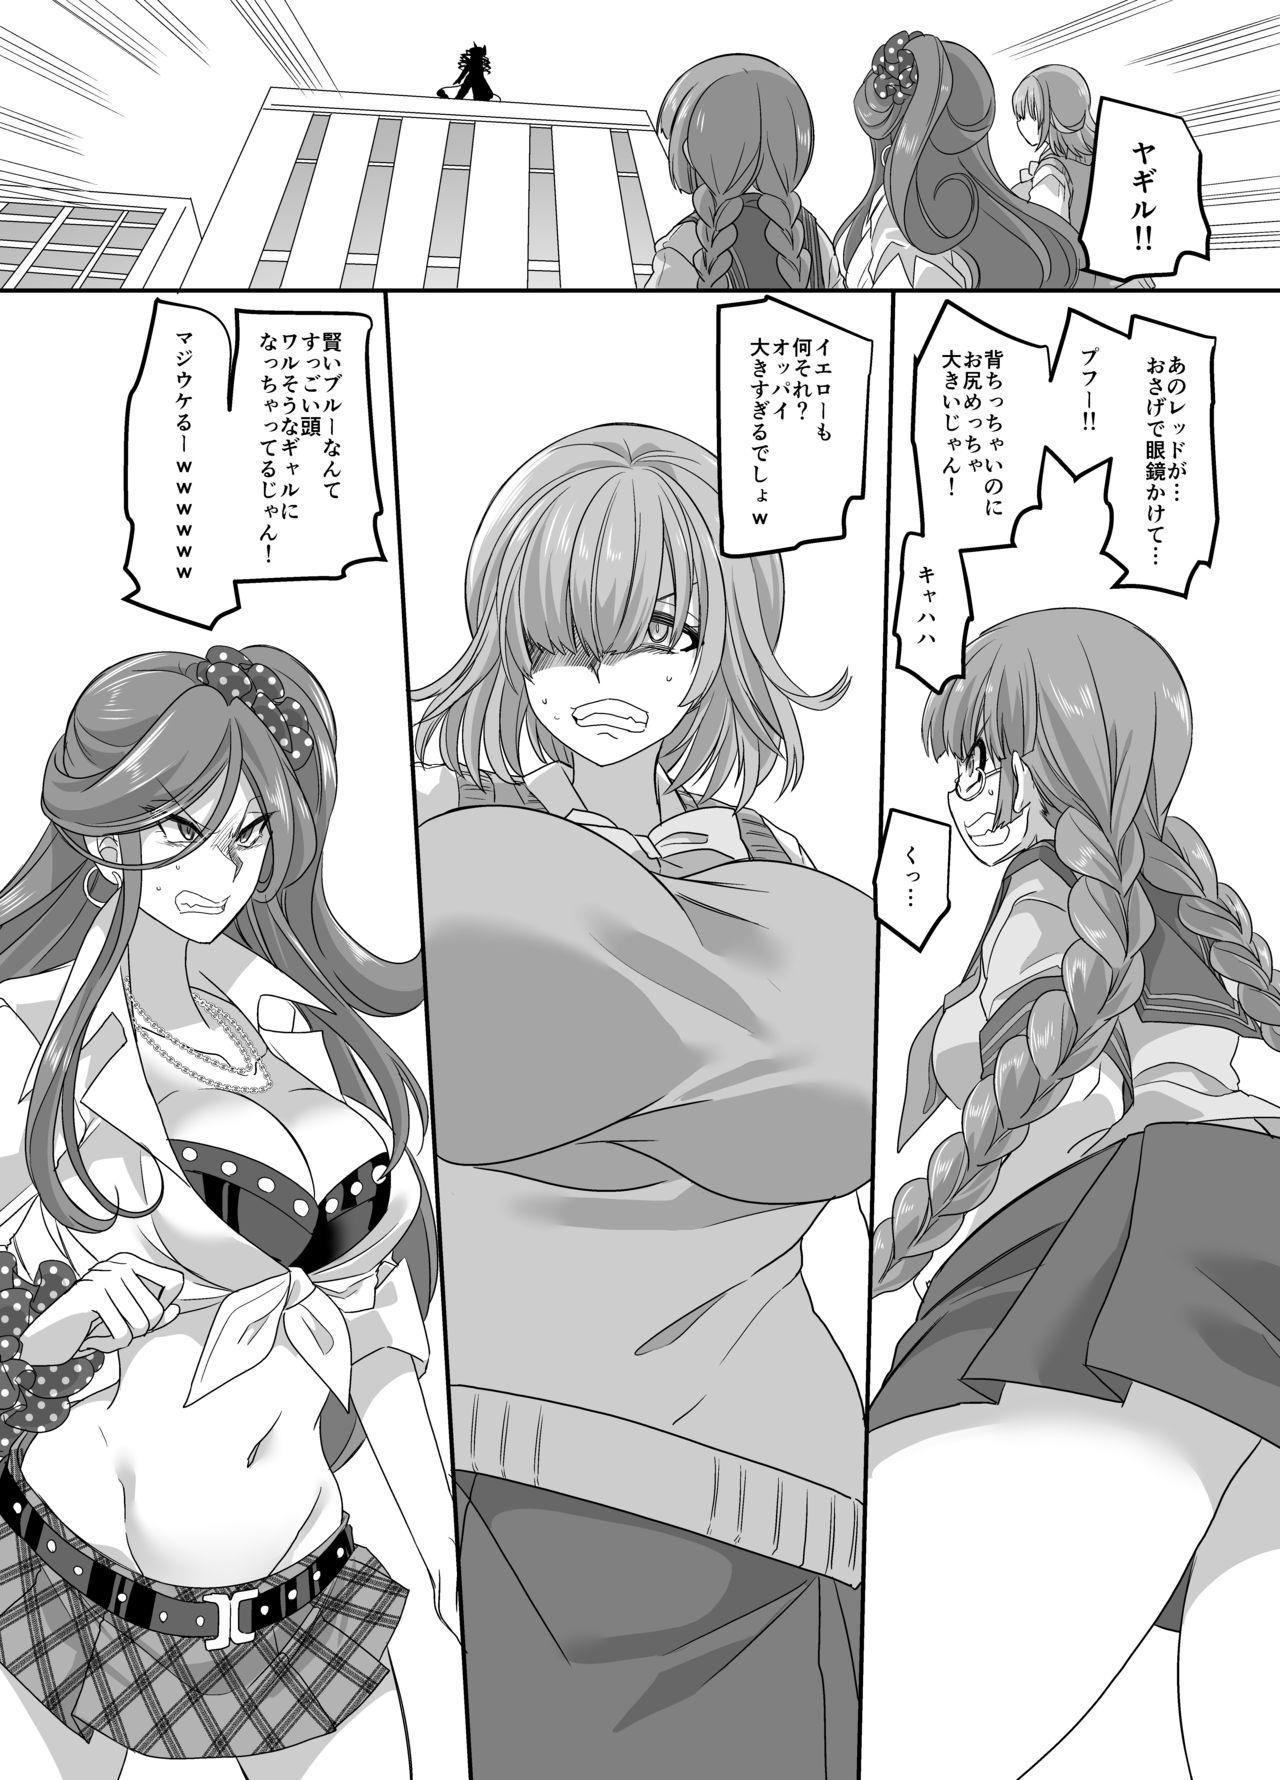 Saikyou no Seigi no Hero wa Kagami no Naka dewa Saijaku no Kaijin 10